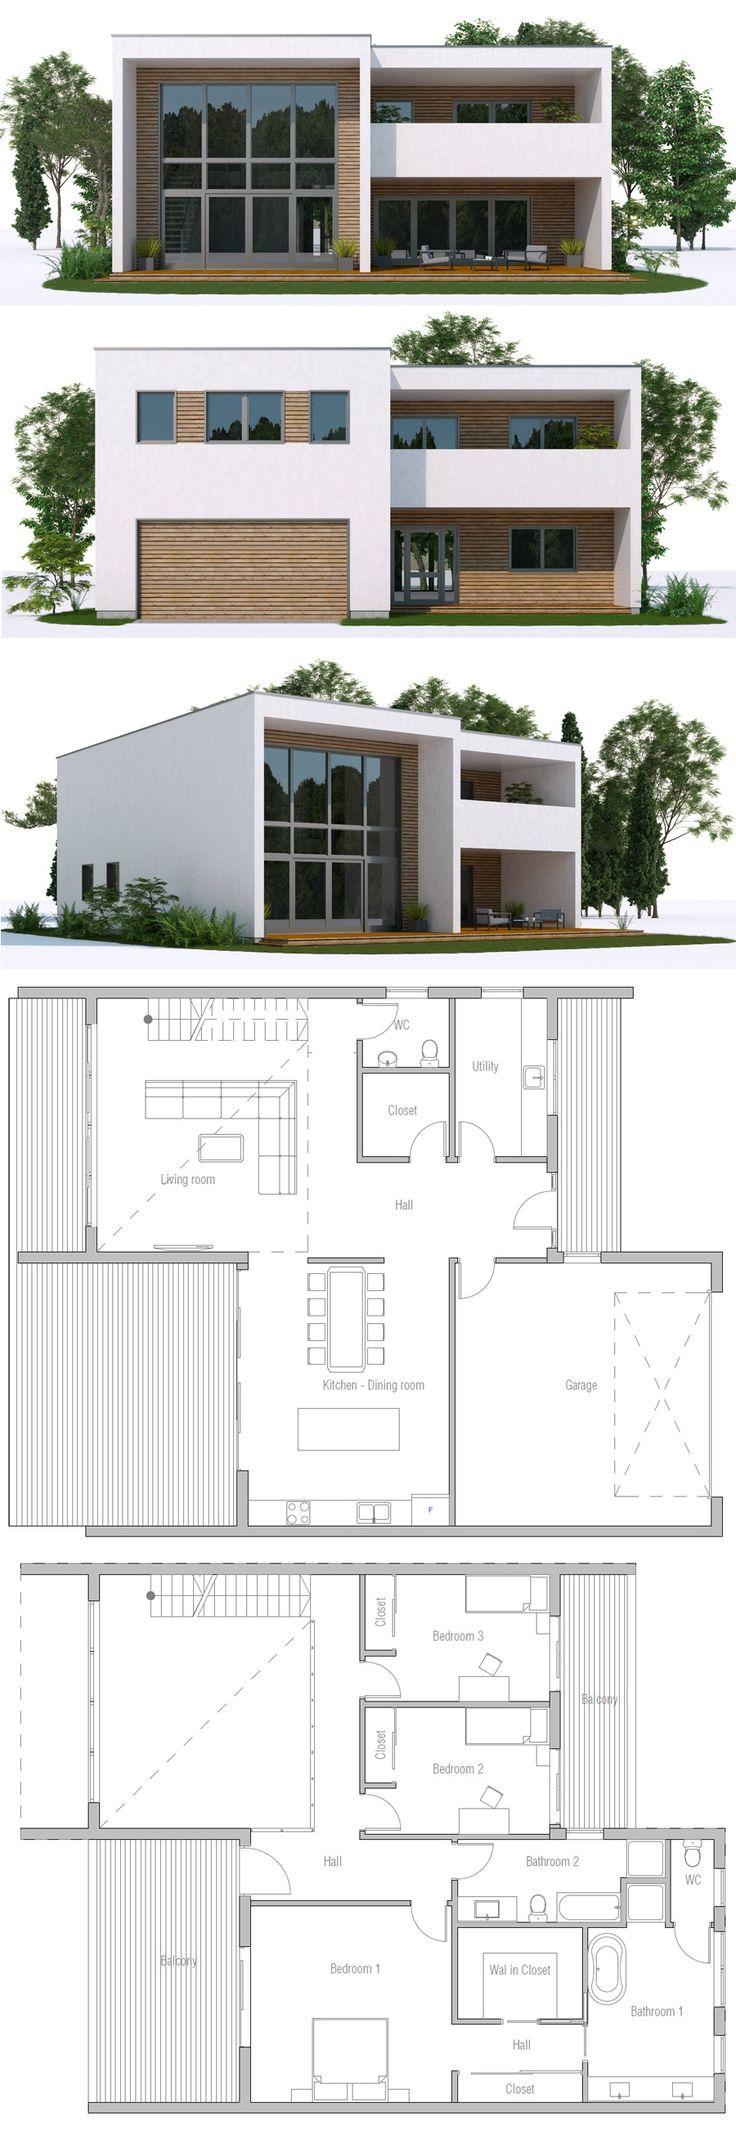 Architektur grundrisse modernen haus pläne moderne häuser grundrisse haus design innenarchitektur architektur innere